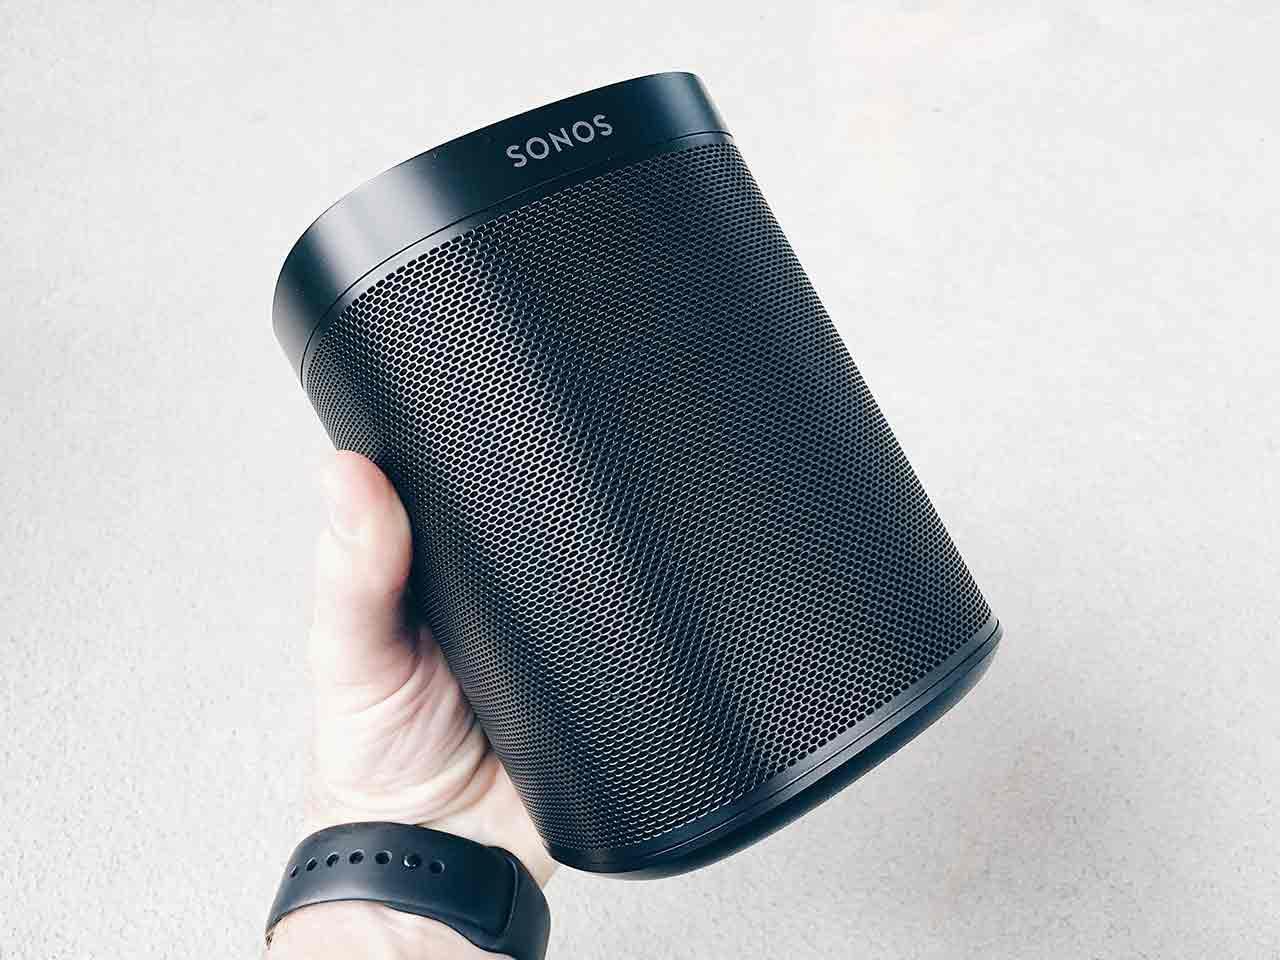 Sonos One är en ny högtalare du kan prata med